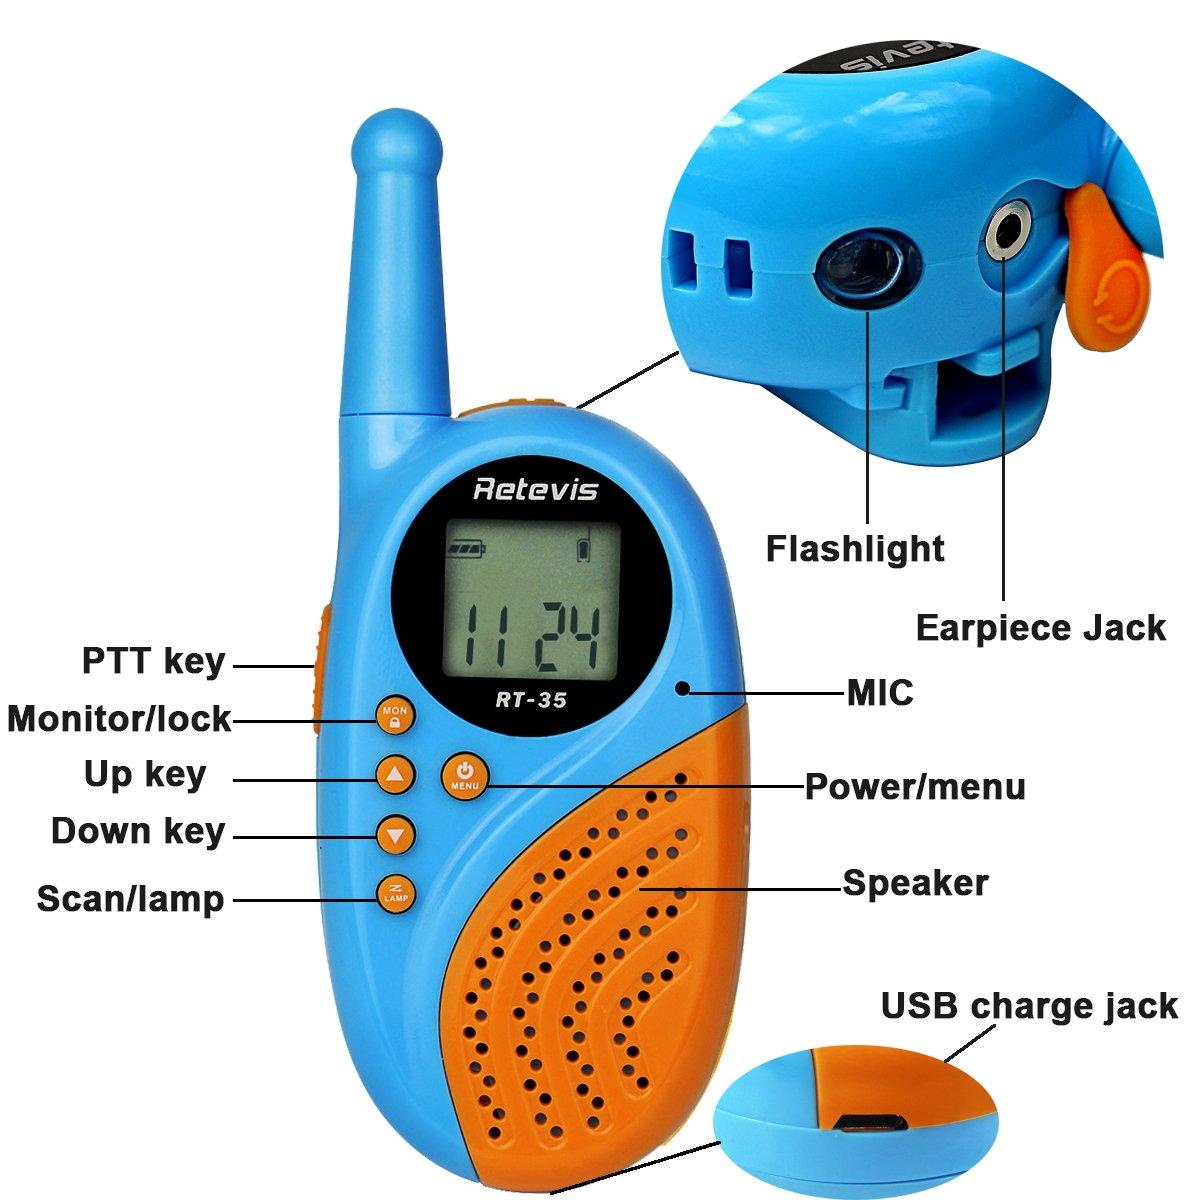 Retevis RT35 Kids Walkie Talkies USB License-Free Digital Alarm Clock 2 Way Radio(Blue, 4 Pack) by Retevis (Image #2)